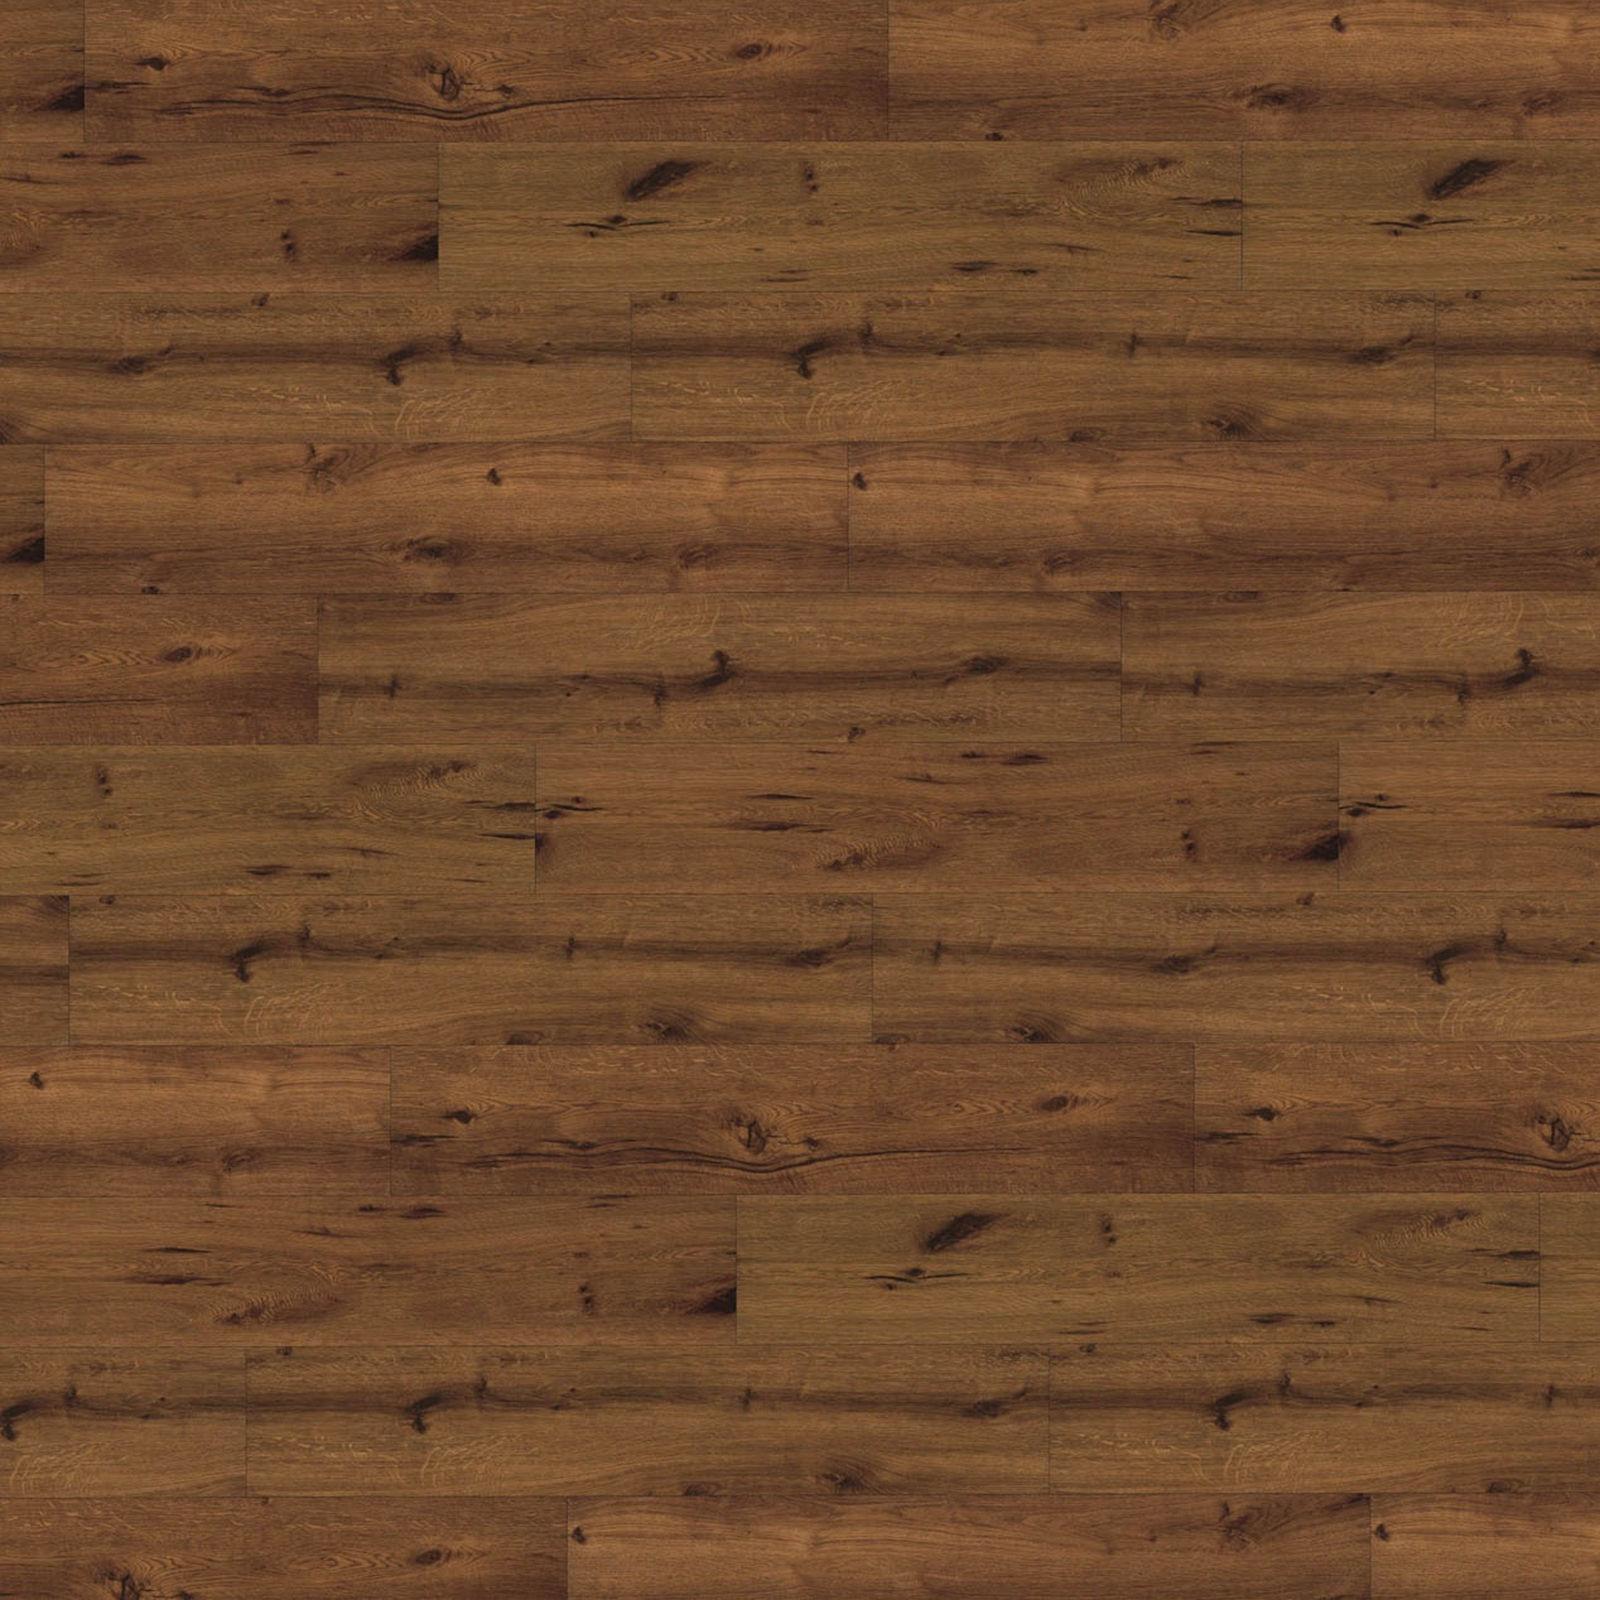 hori vinylboden pvc klick boden eiche chalet paris mikrofase d mmung leisten ebay. Black Bedroom Furniture Sets. Home Design Ideas